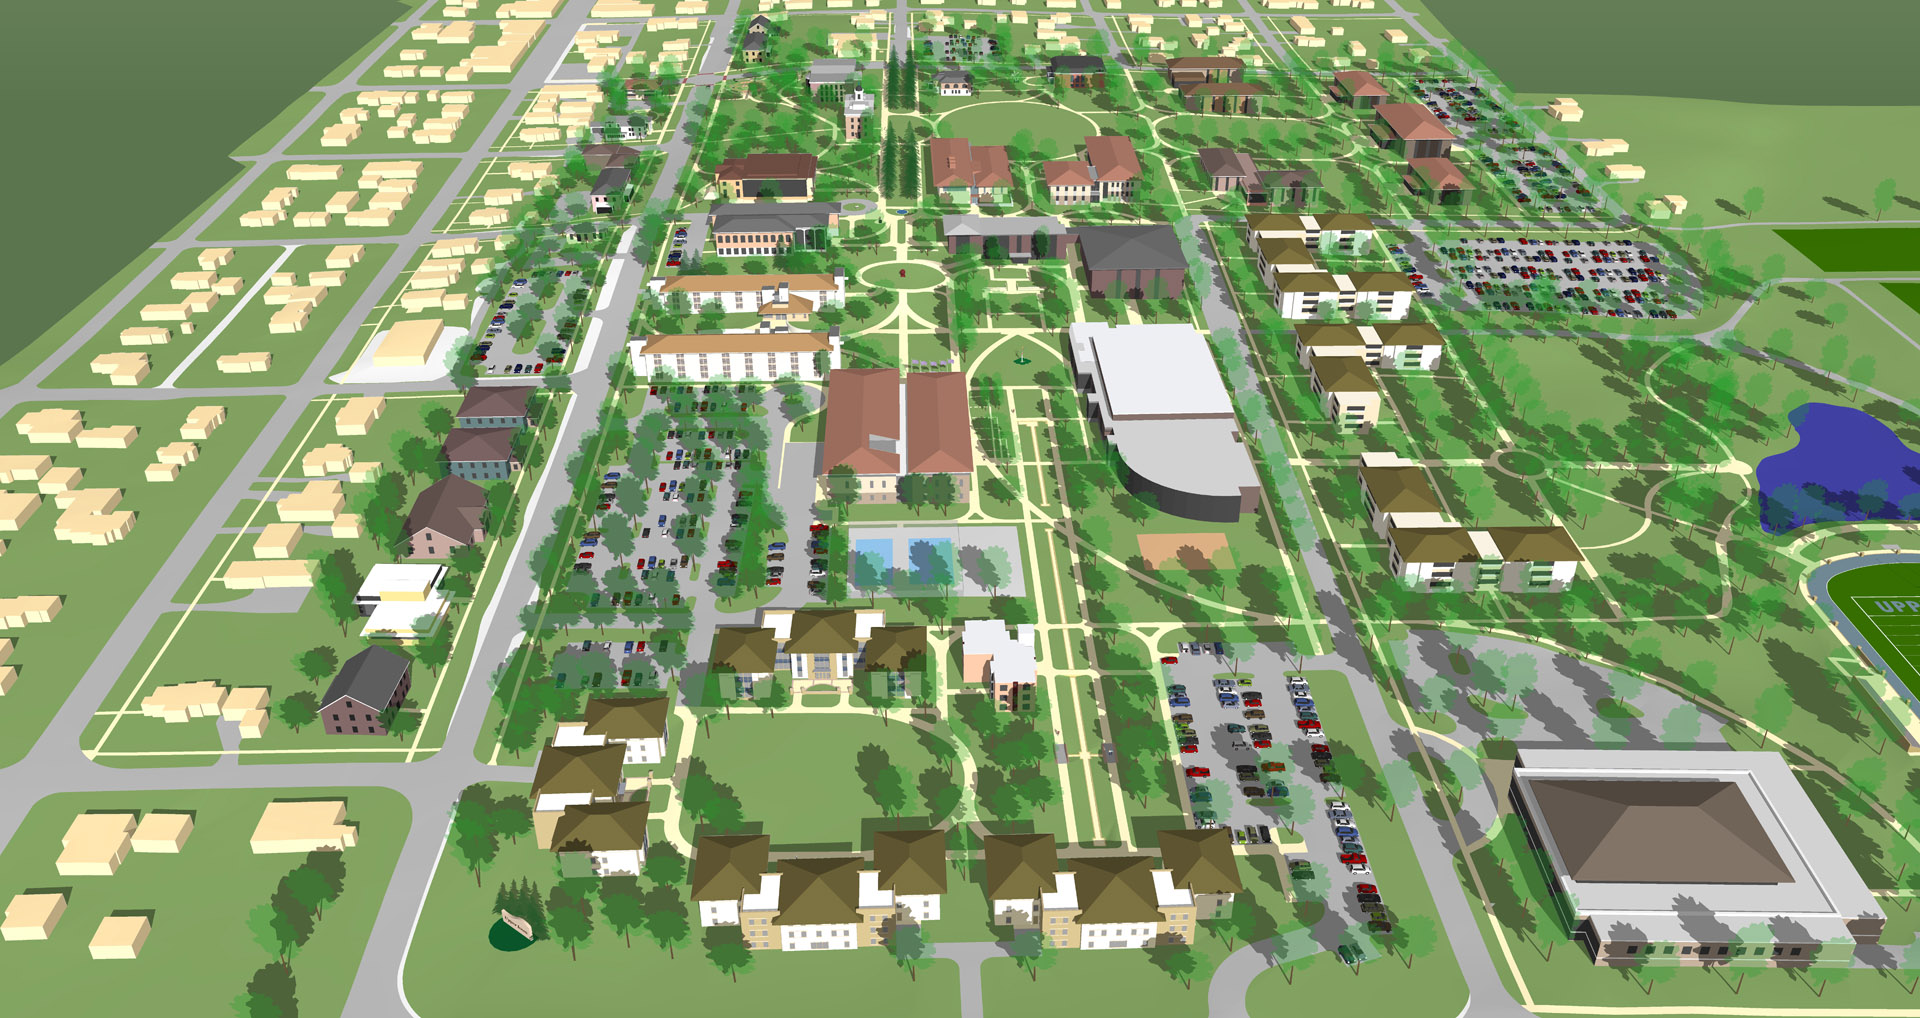 upper iowa university campus map Upper Iowa University Master Plan Derck Edson upper iowa university campus map